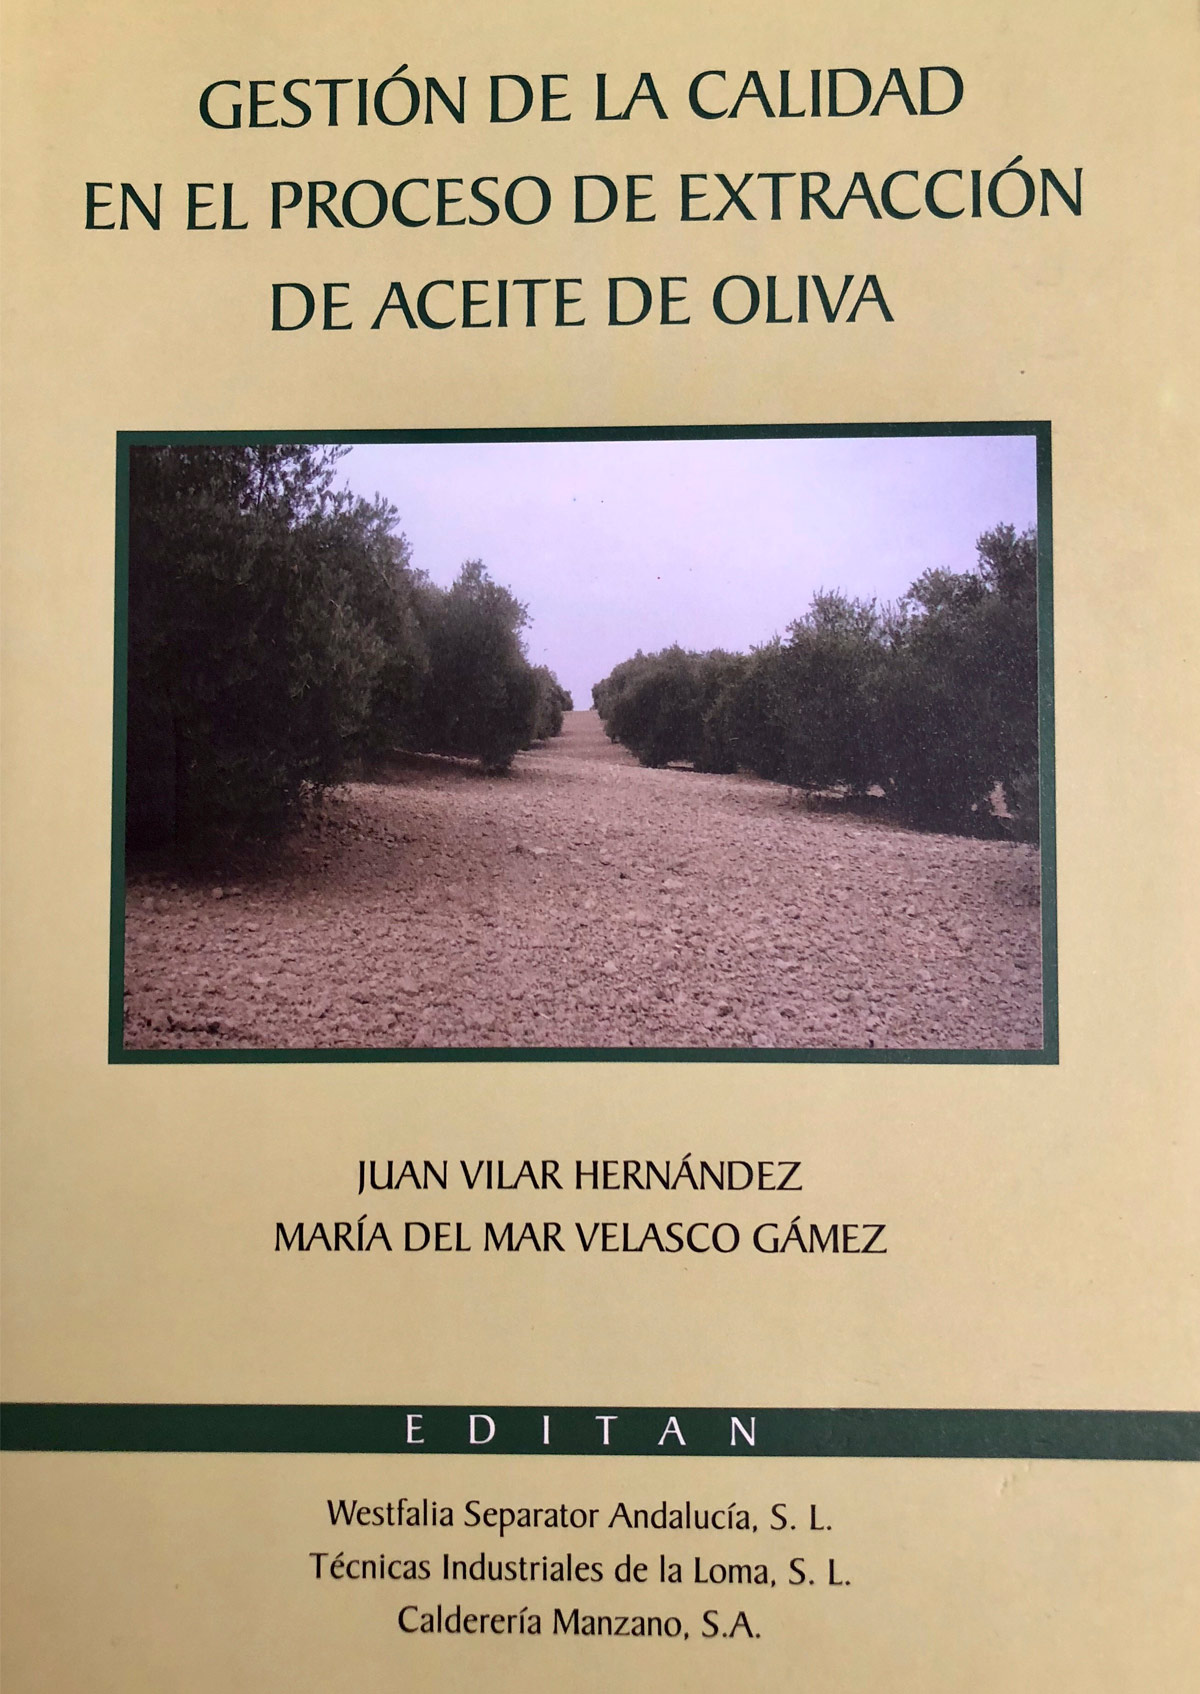 Gestión de la calidad en el proceso de extracción de Aceite de Oliva